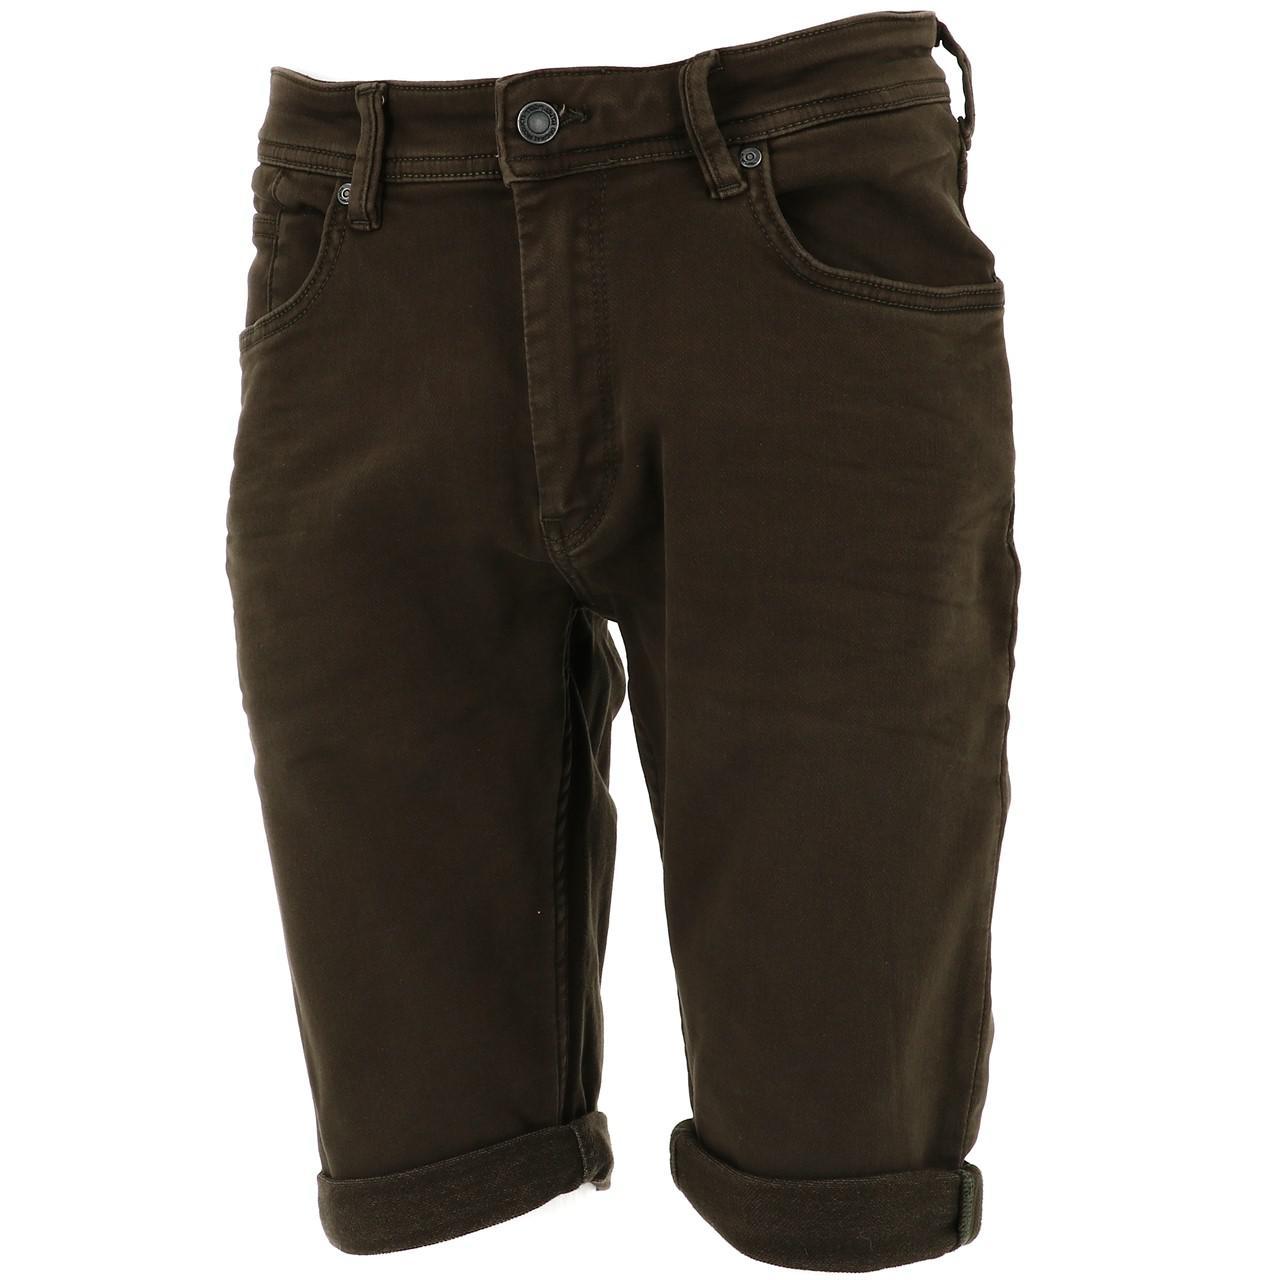 Bermuda-Shorts-Teddy-Smith-Scotty-3-Middl-Khaki-Shorts-Green-18133-New